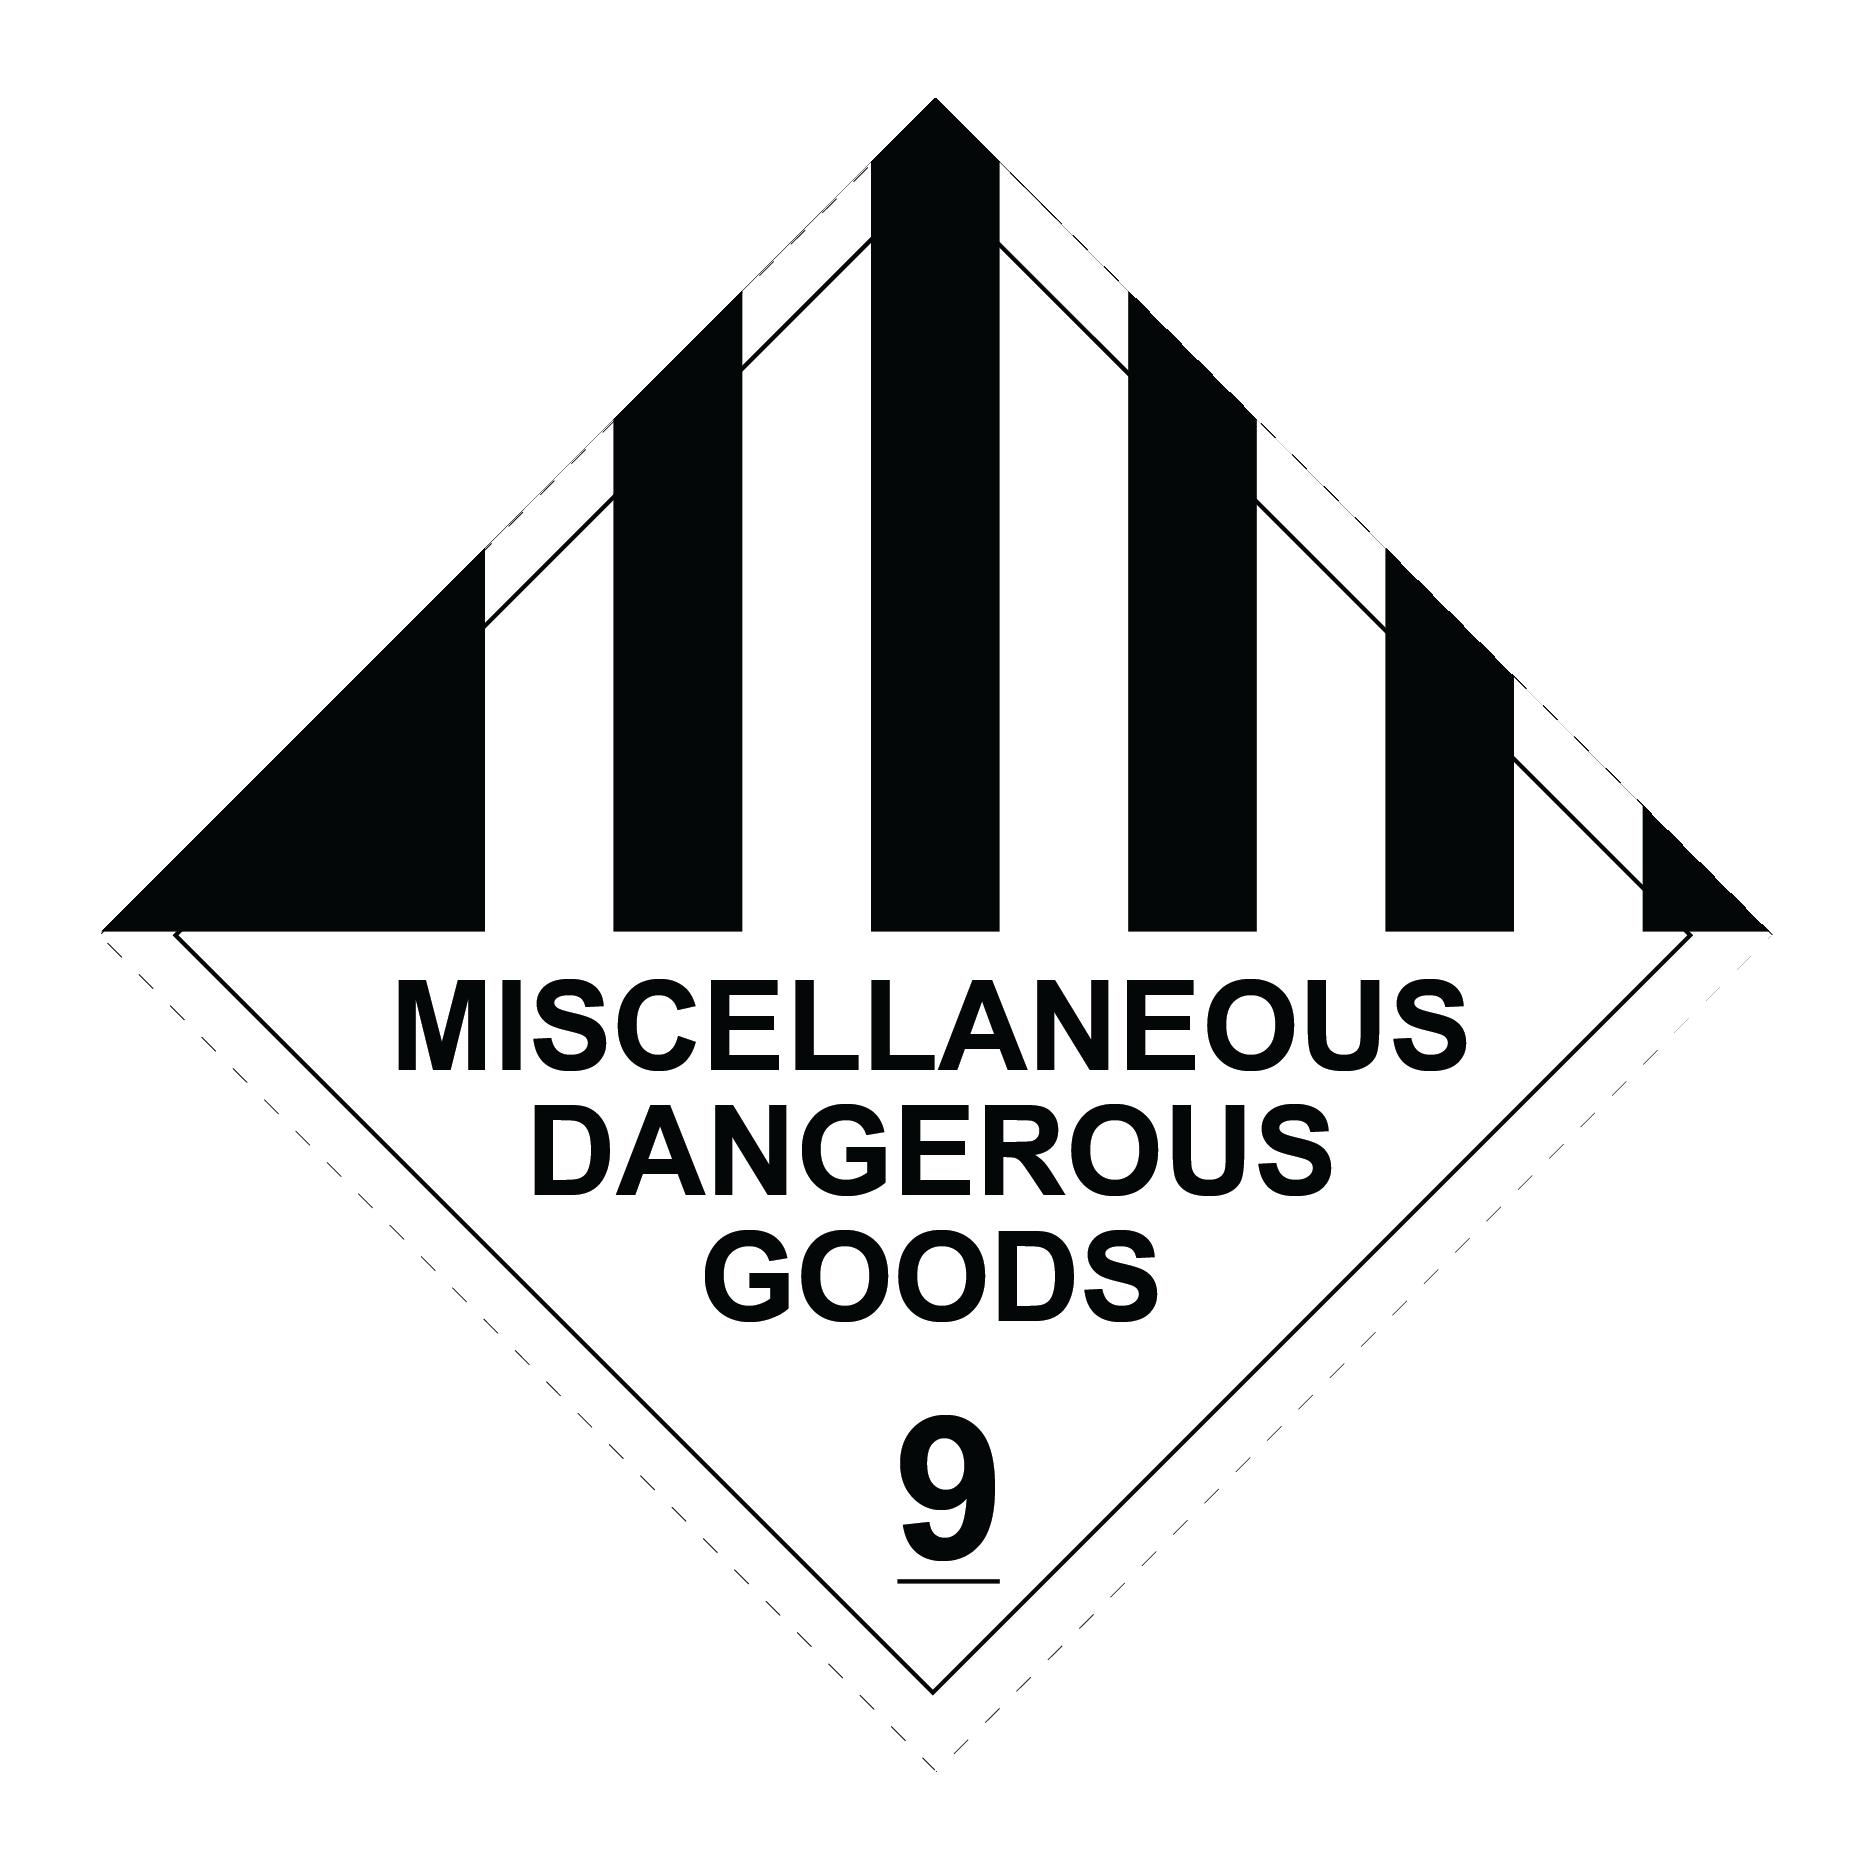 Compliant_9 Miscellaneous Dangerous Goods RLI